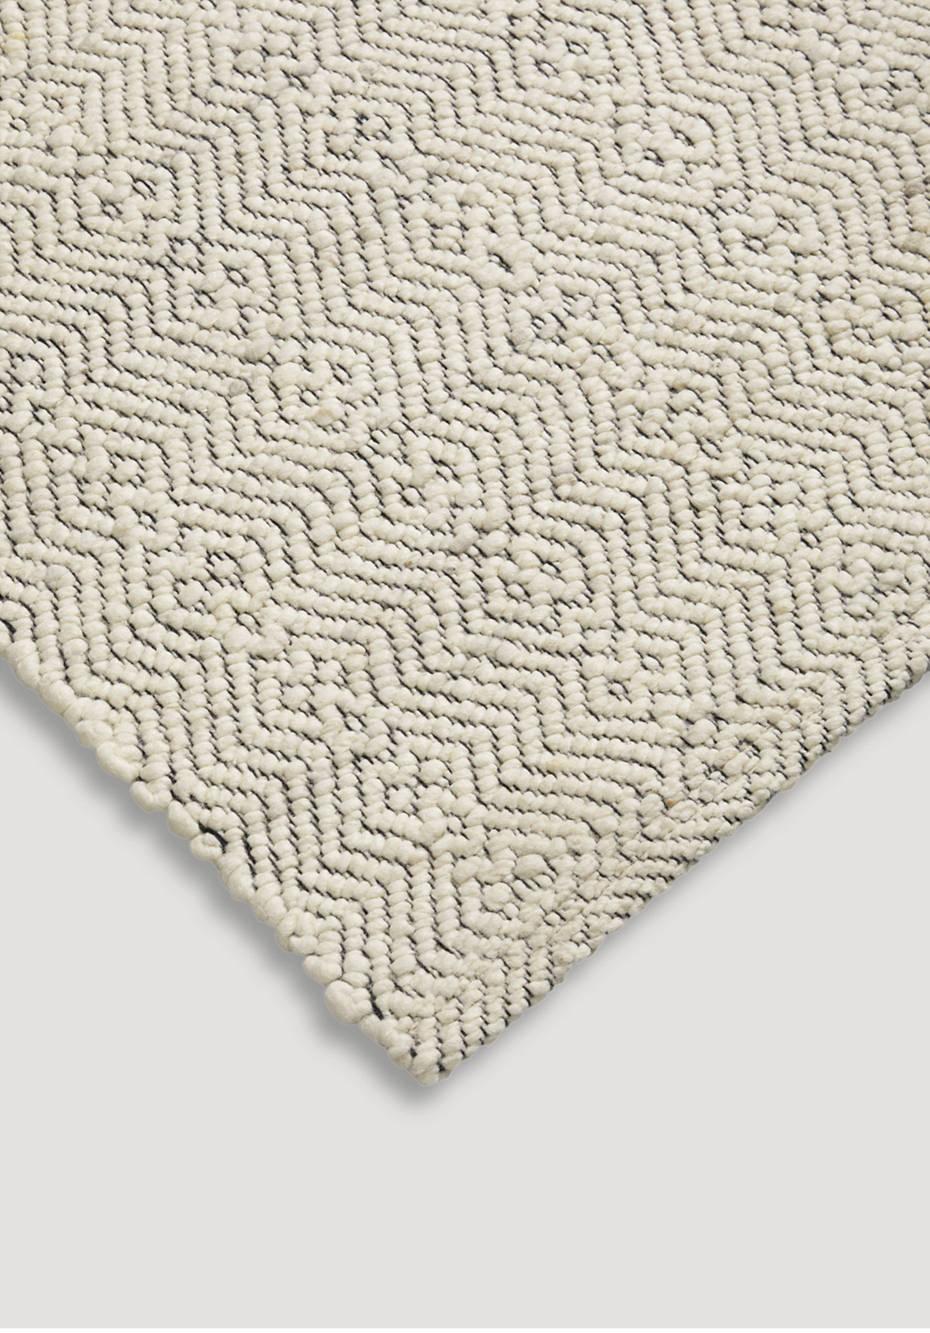 Schurwoll-Teppich Remsa vom Deichschaf